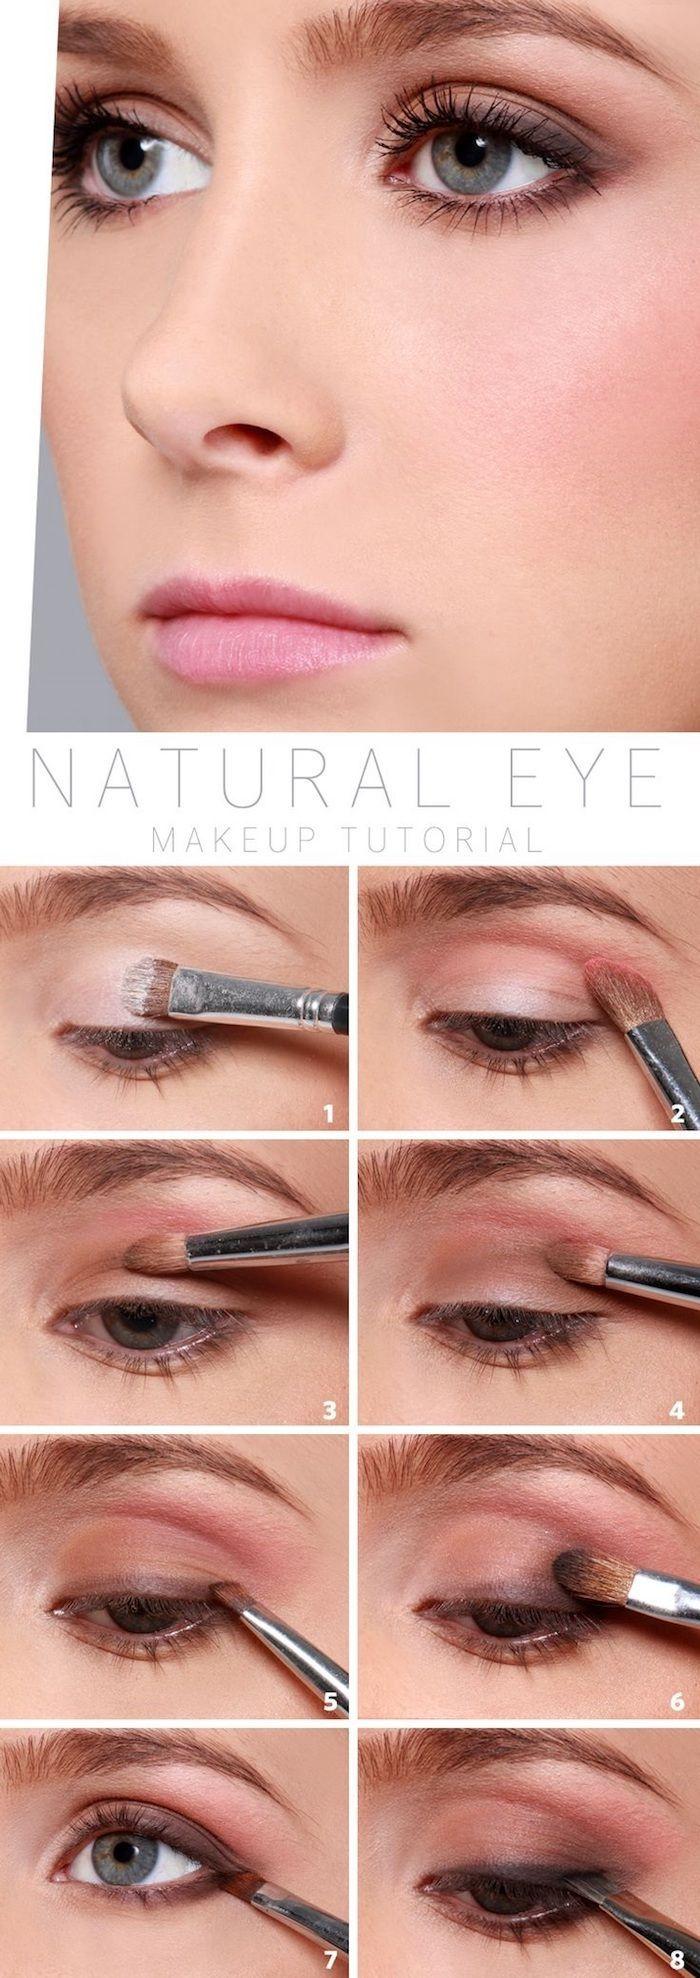 natürliches make up in rosa und braun, rosa lippen, schminken tutorial, schritt…